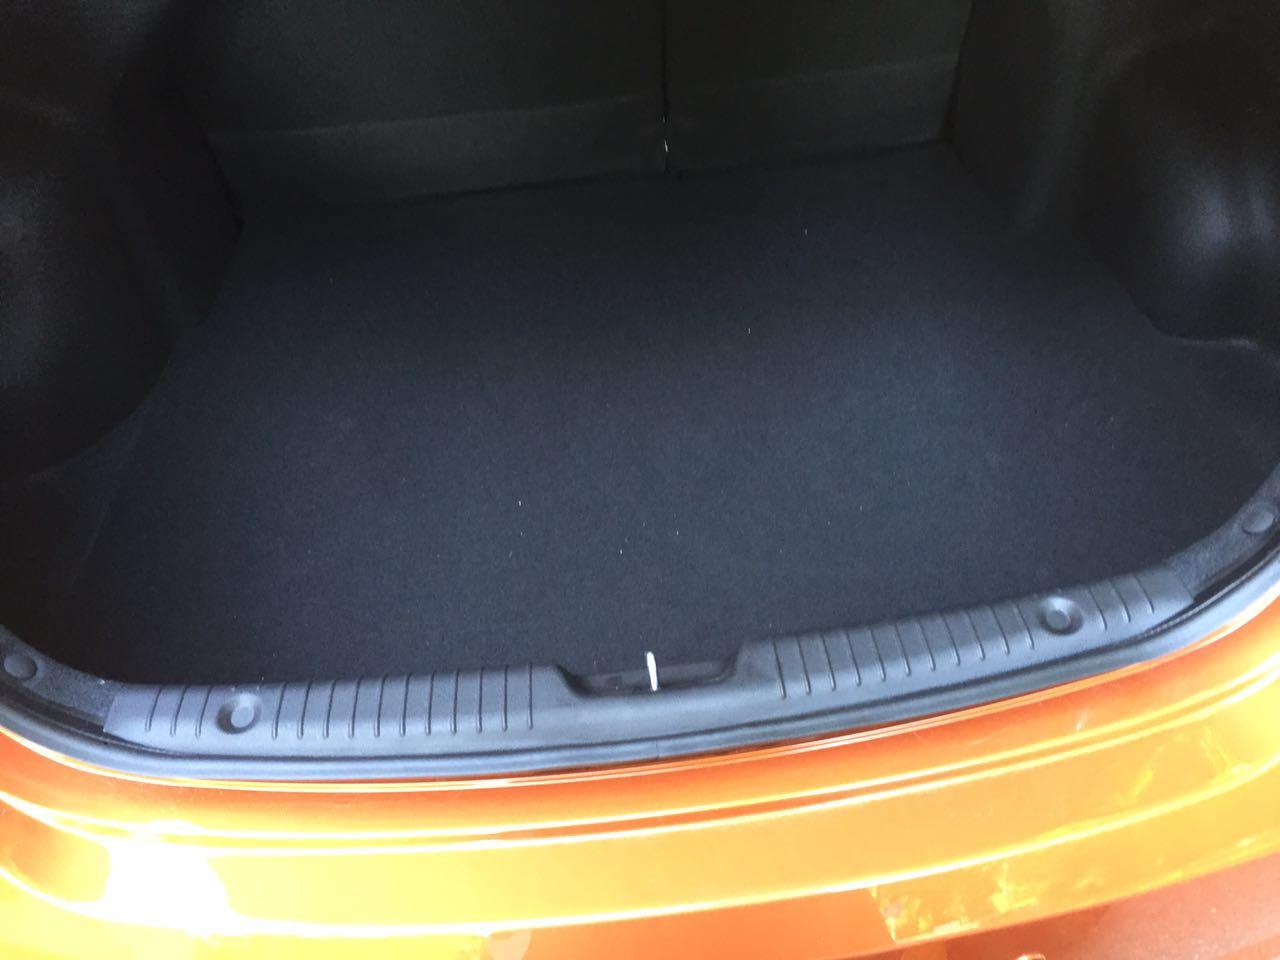 Hyandai Solaris Абрикосовый багажник